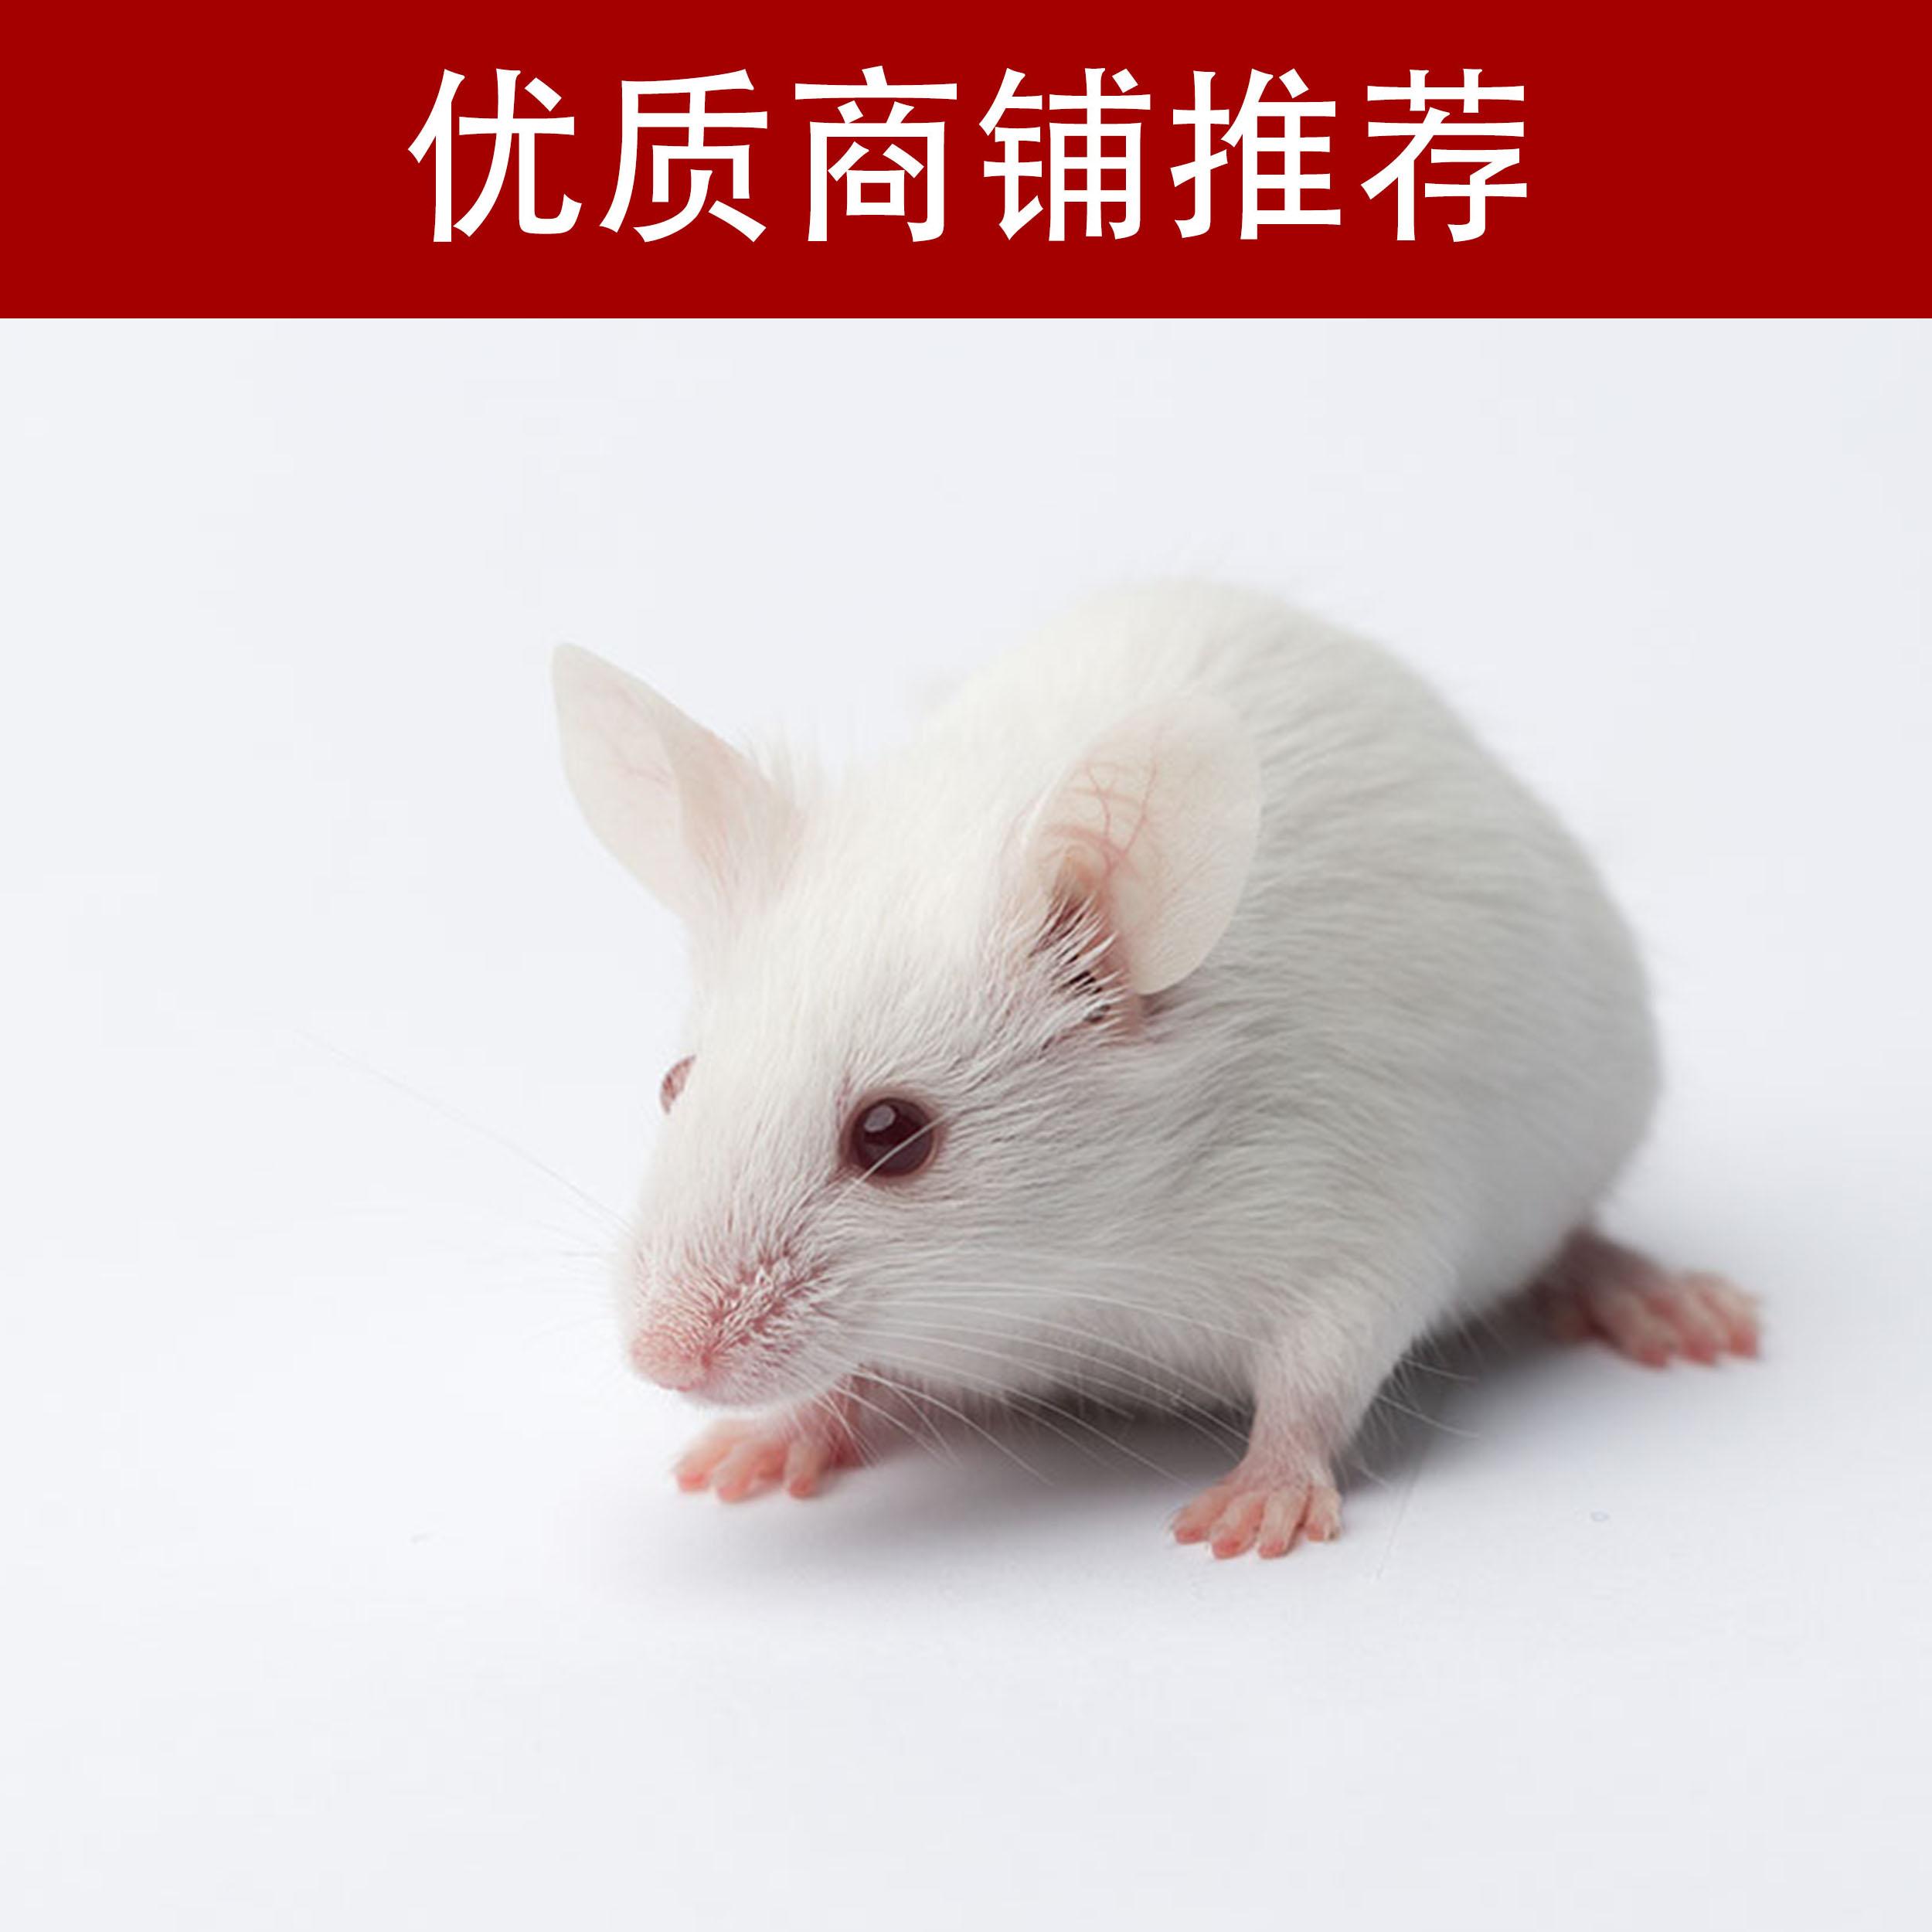 肠易激综合征动物模型制备